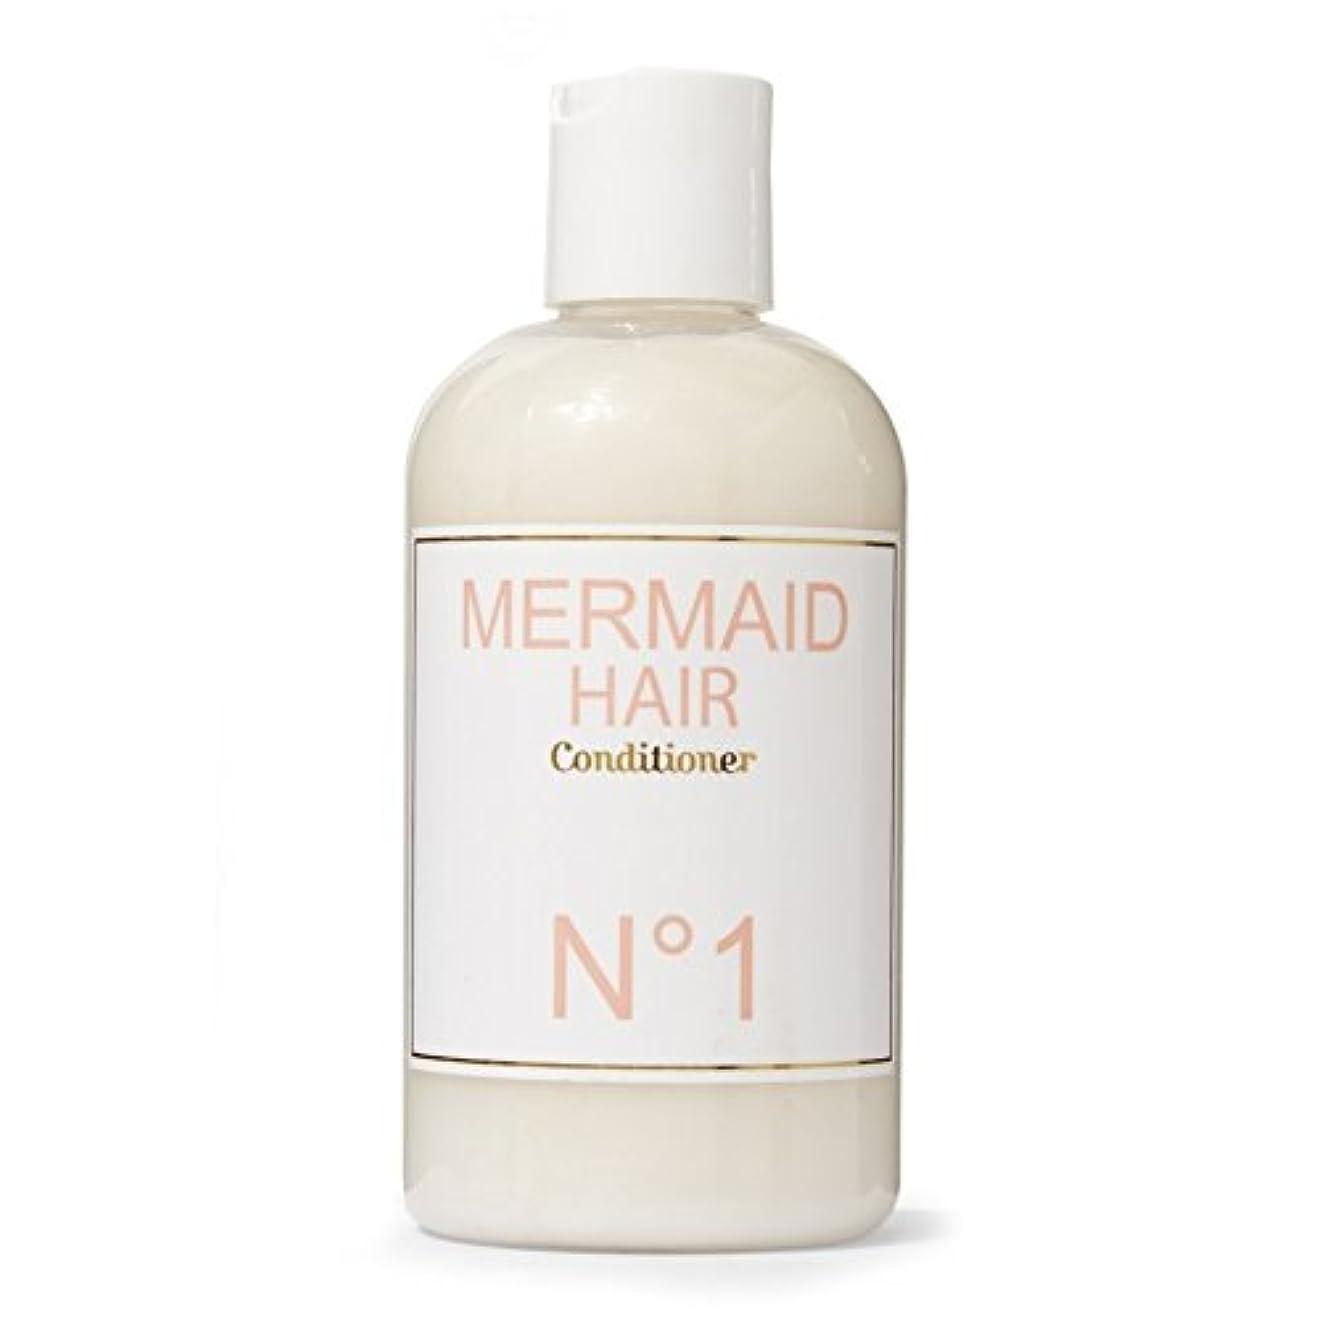 一緒平凡サンダース人魚香水人魚コンディショナー300ミリリットル x2 - Mermaid Perfume Mermaid Conditioner 300ml (Pack of 2) [並行輸入品]